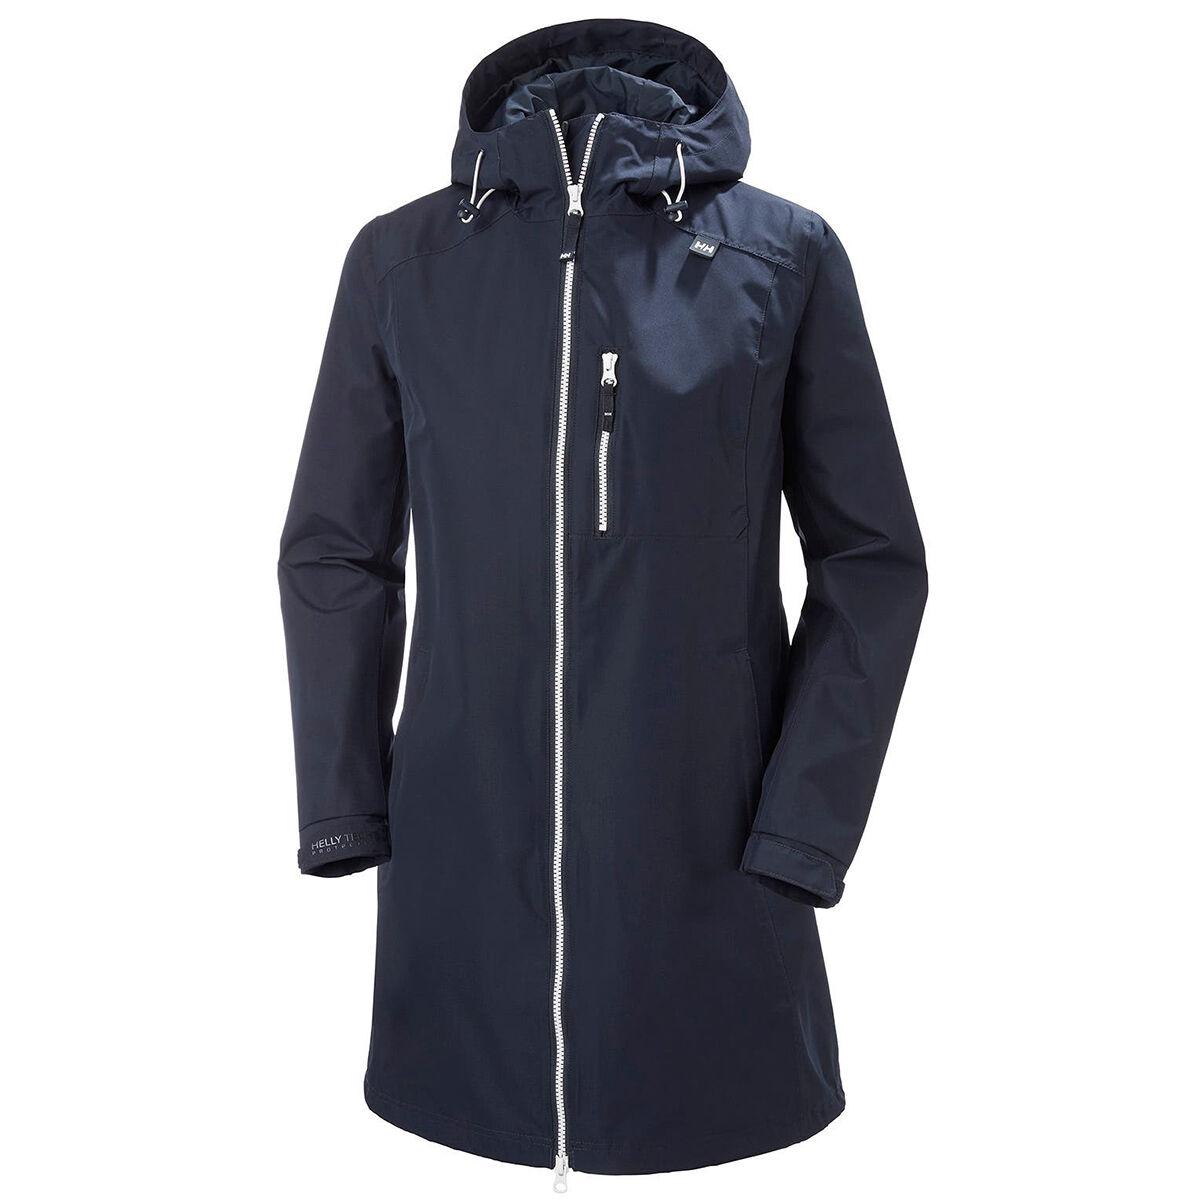 Helly Hansen Women's Long Belfast Jacket